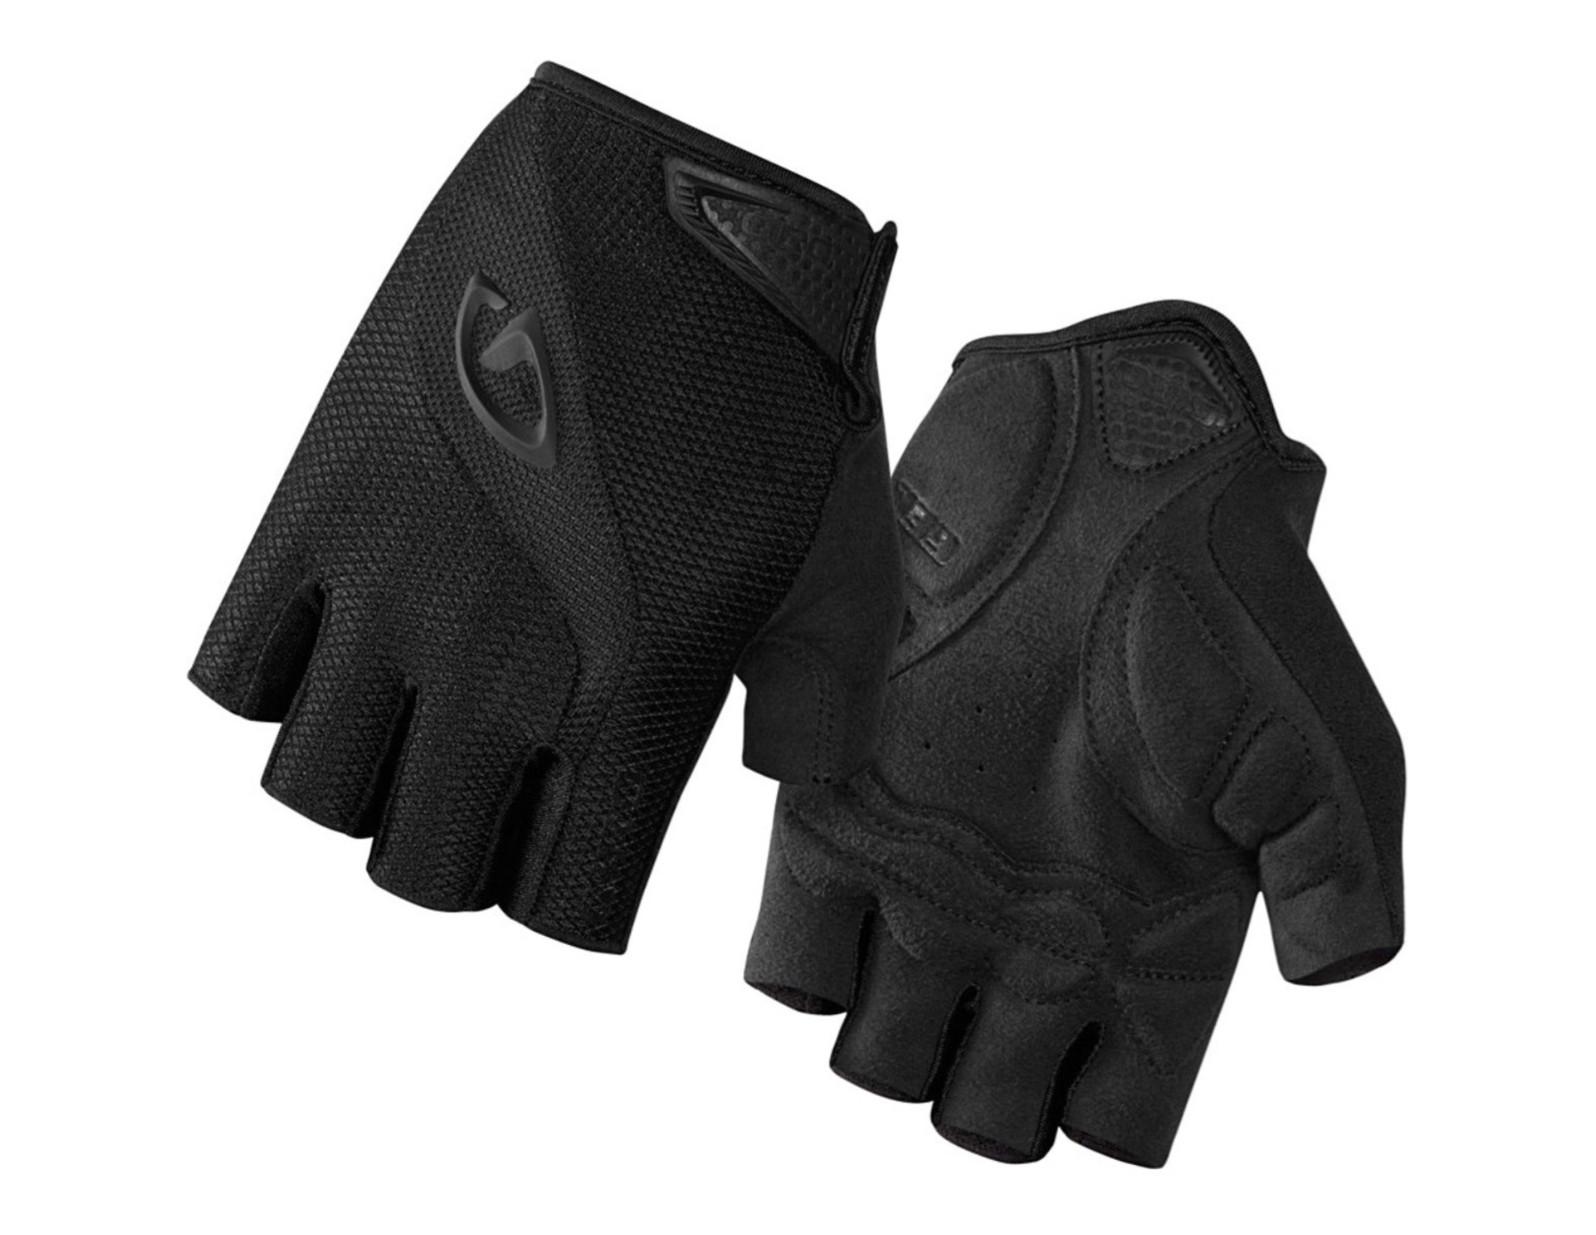 Giro Bravo Glove - black